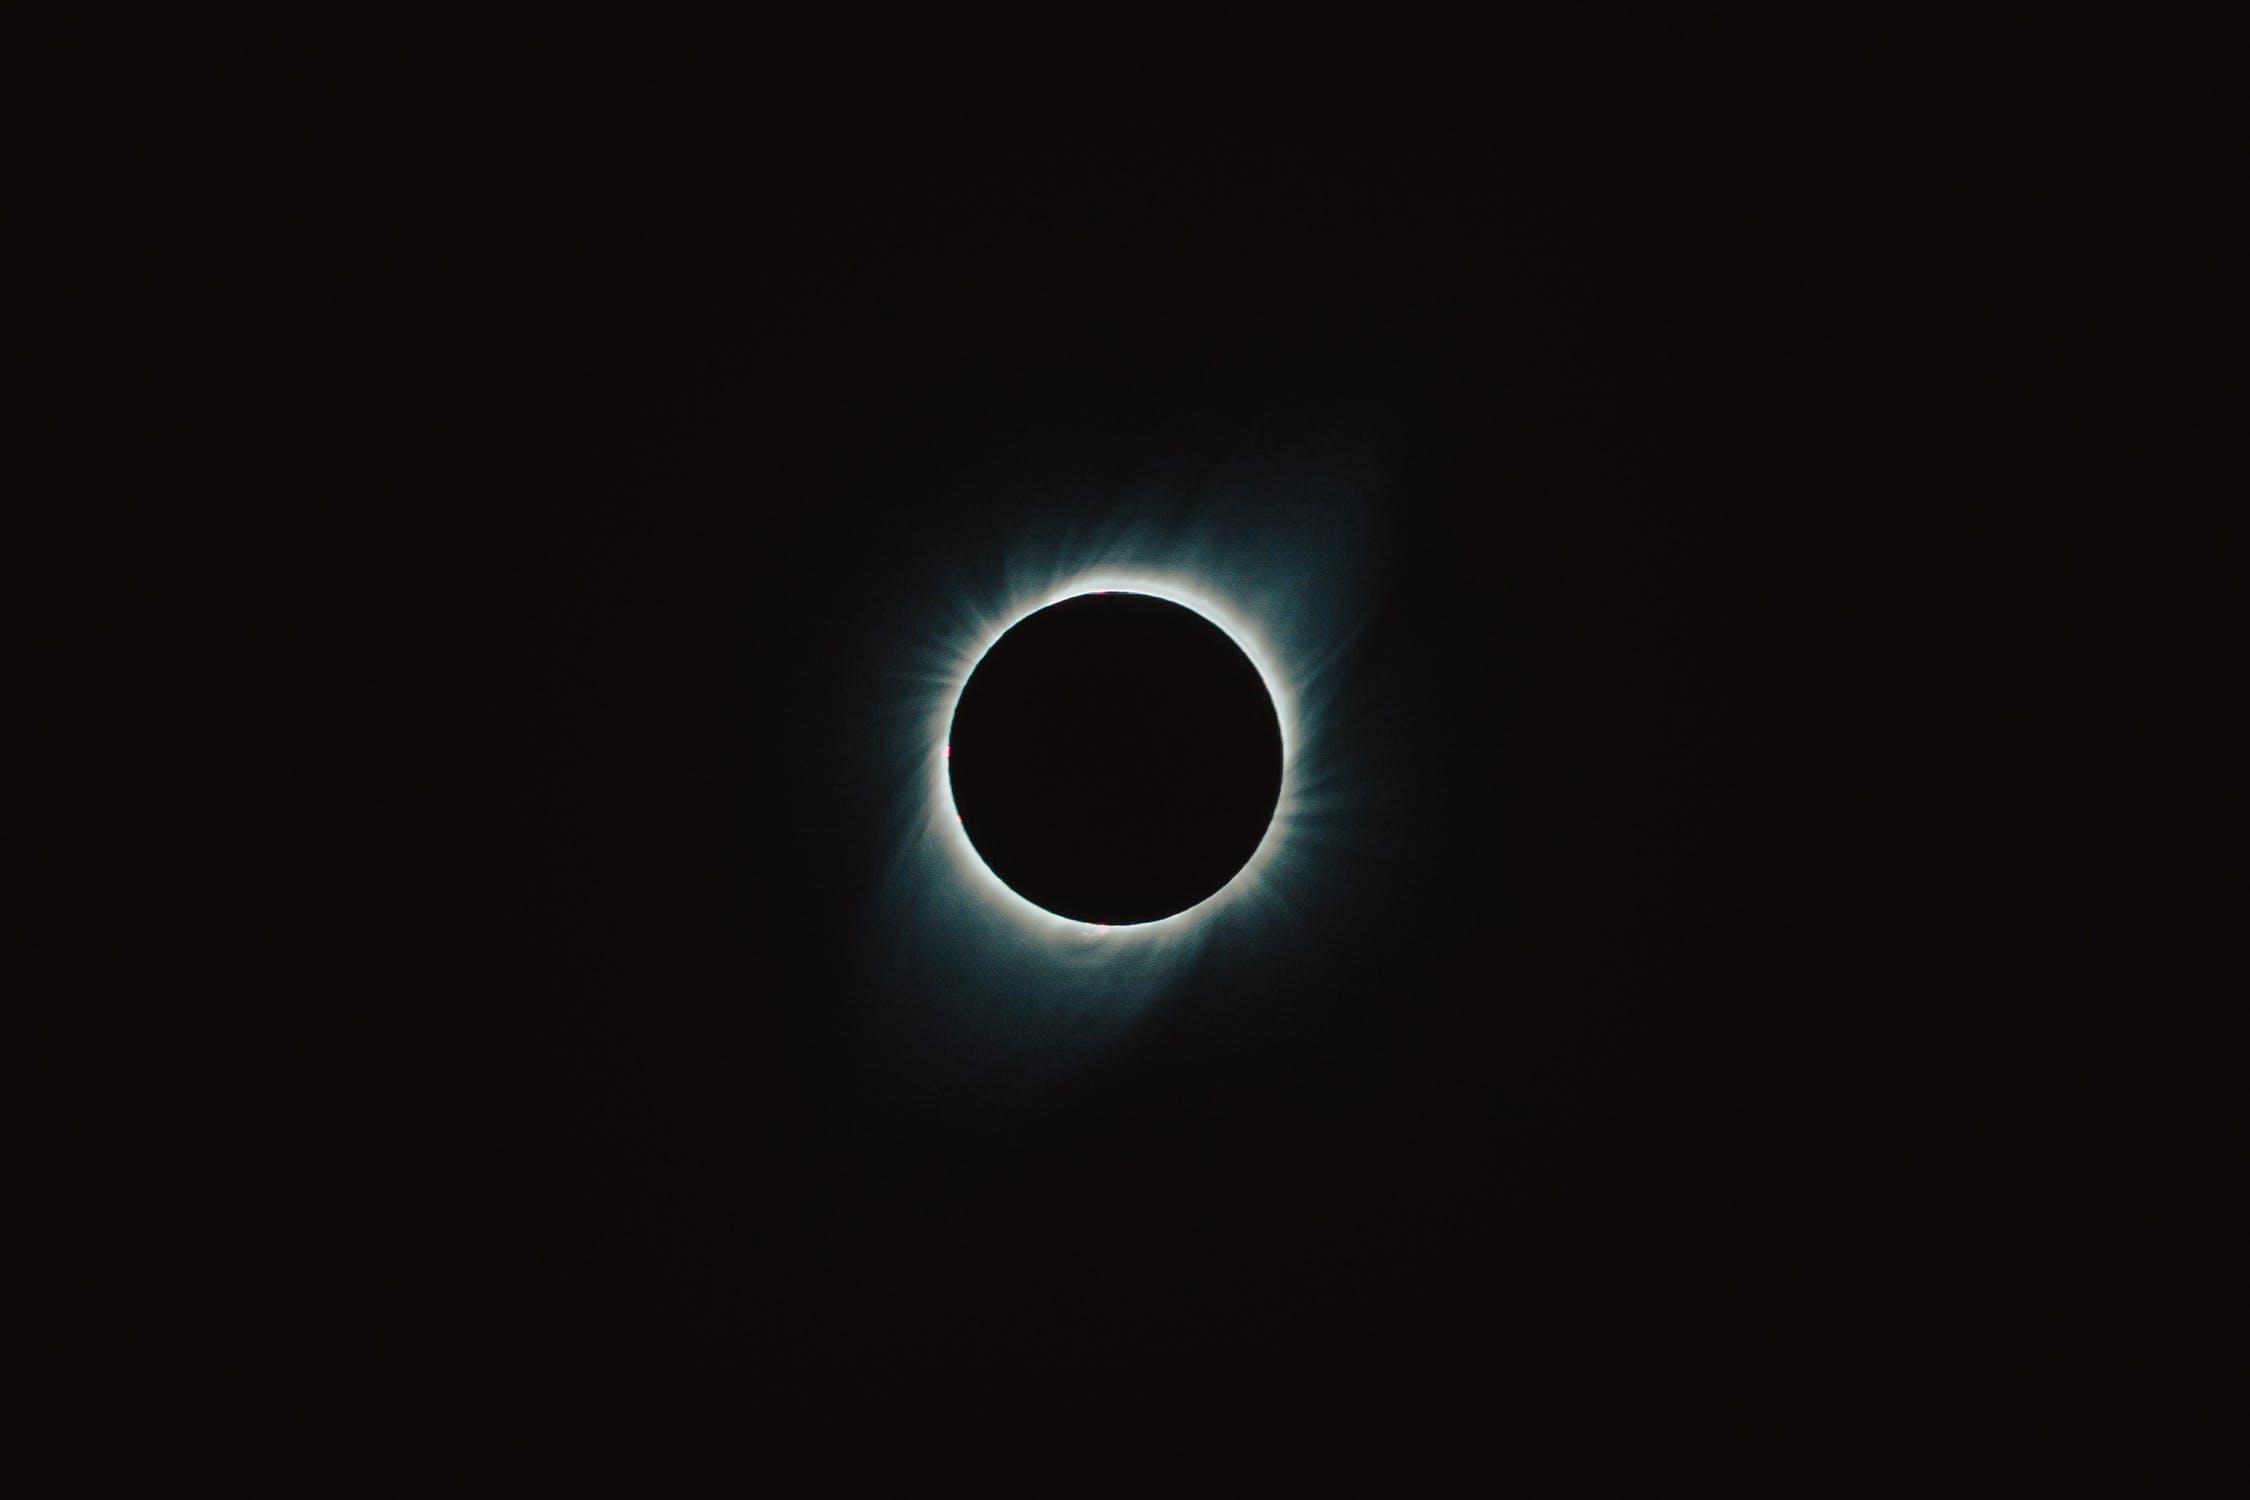 L'eclipse solaire la plus longue du siècle